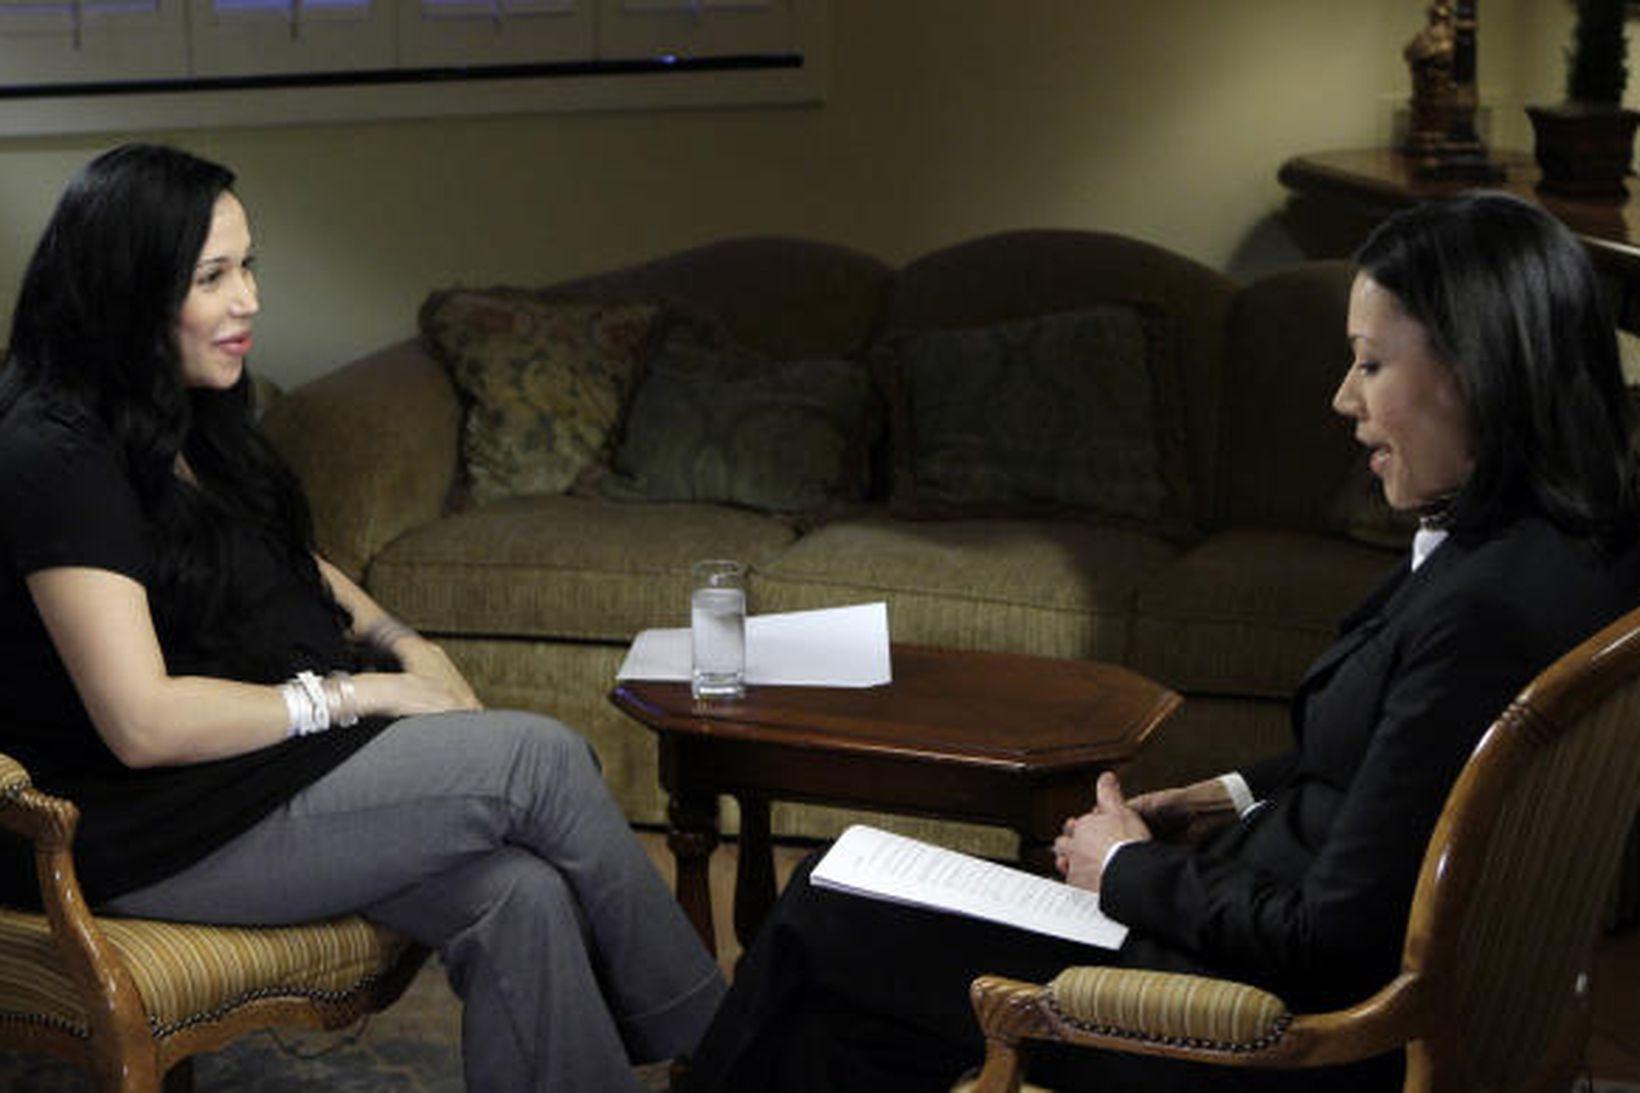 Nadya Suleman ræðir við Ann Curry, fréttamann NBC sjónvarprsstöðvarinnar fyrir …